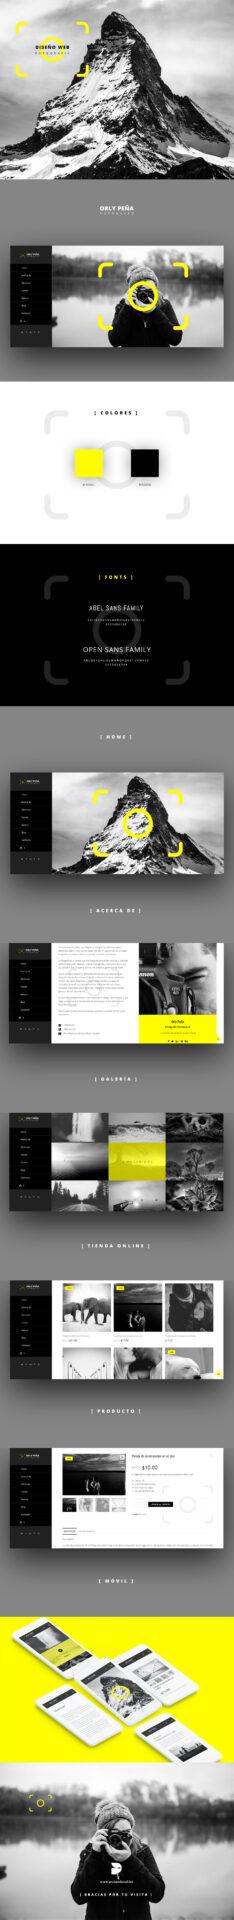 diseño páginas web para fotógrafos portfolio ecuador